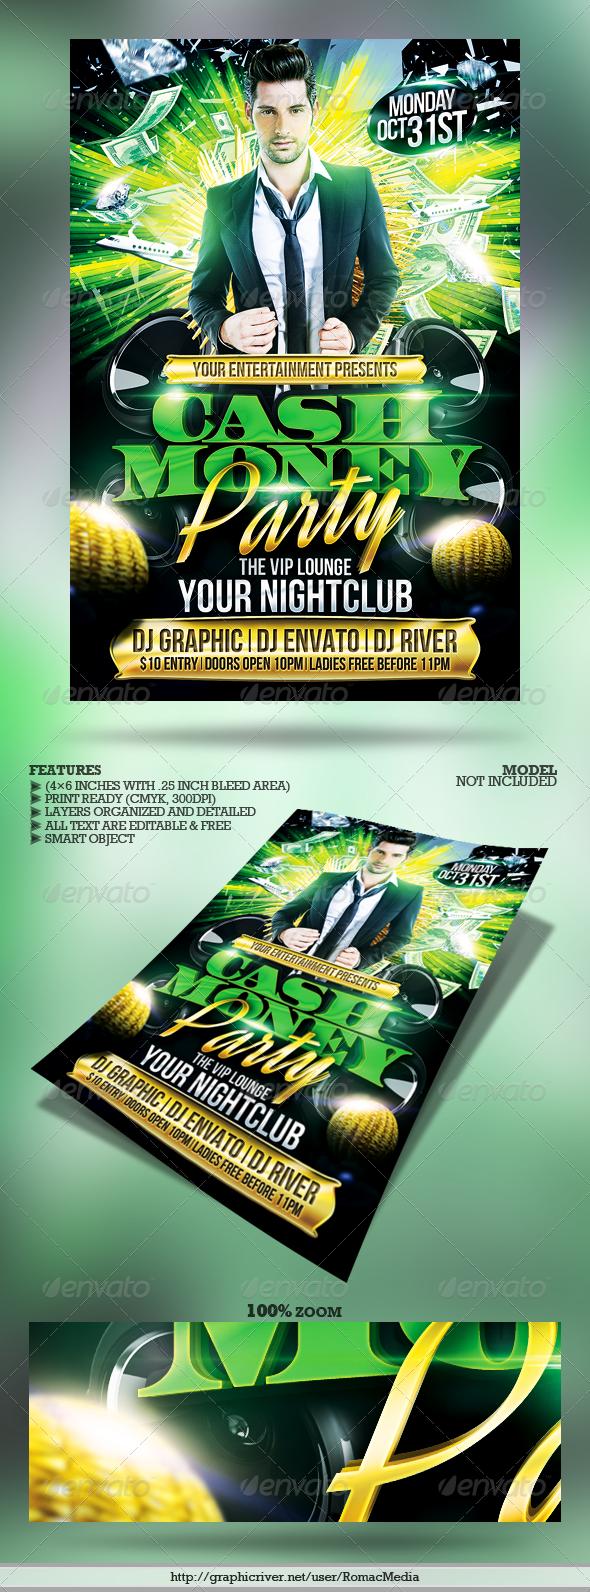 Club Sessions L Cash Money Party Flyer Cash Money Party Flyer And - Money flyer template